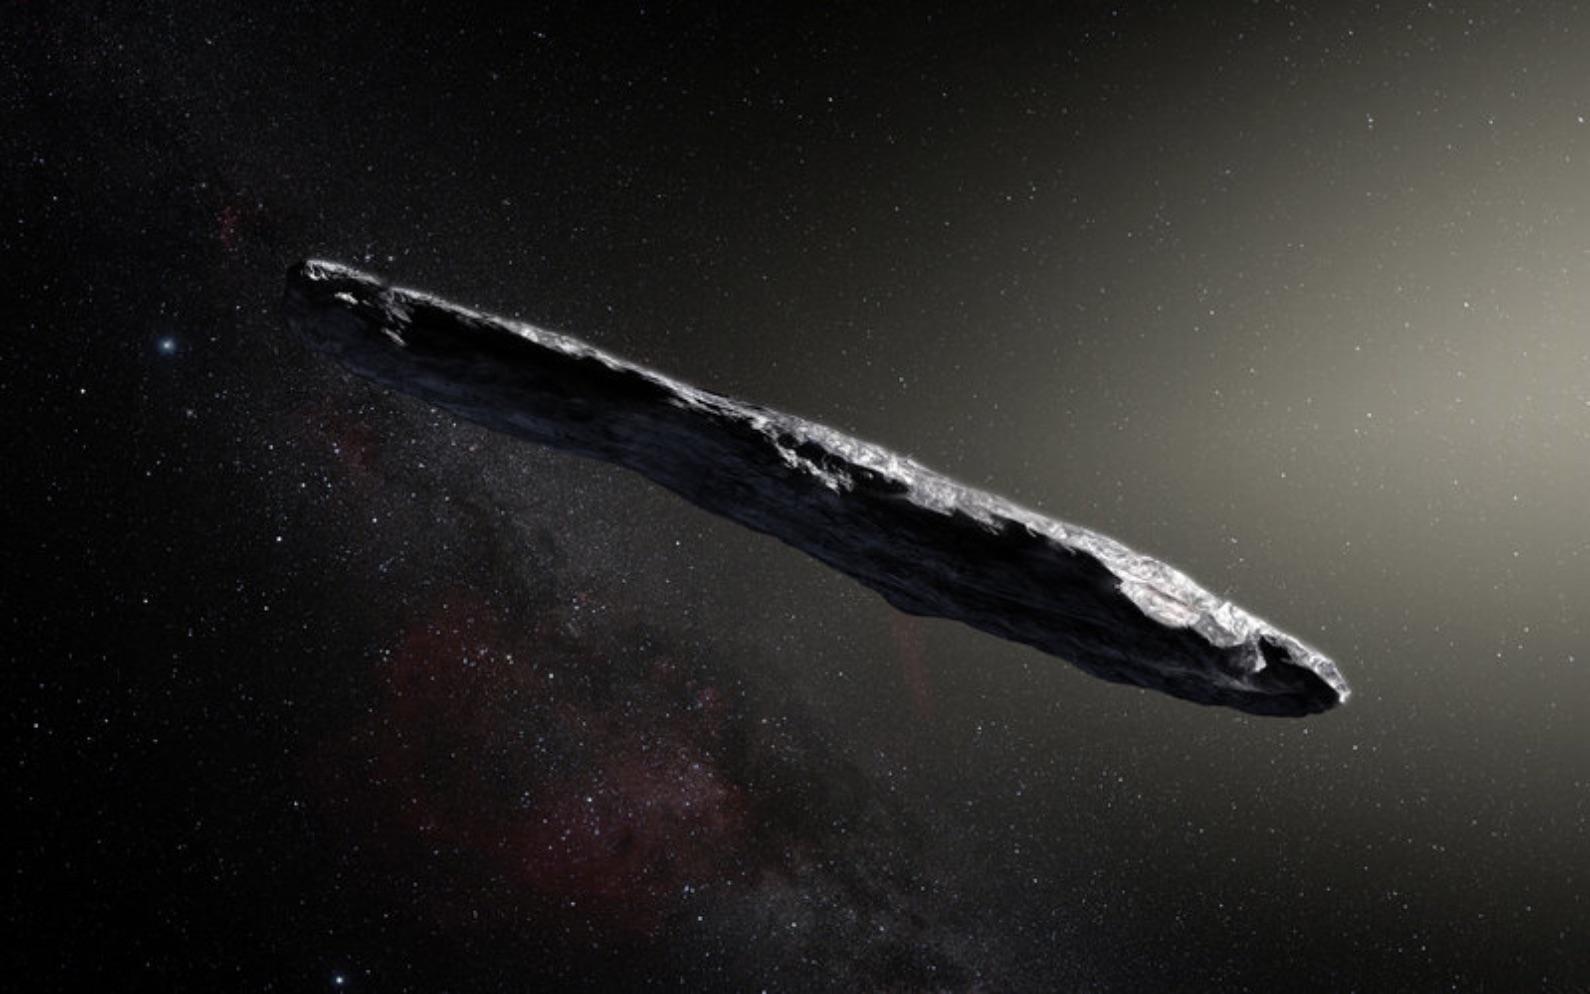 Représentation par un artiste du premier objet interstellaire identifié, «Oumuamua.